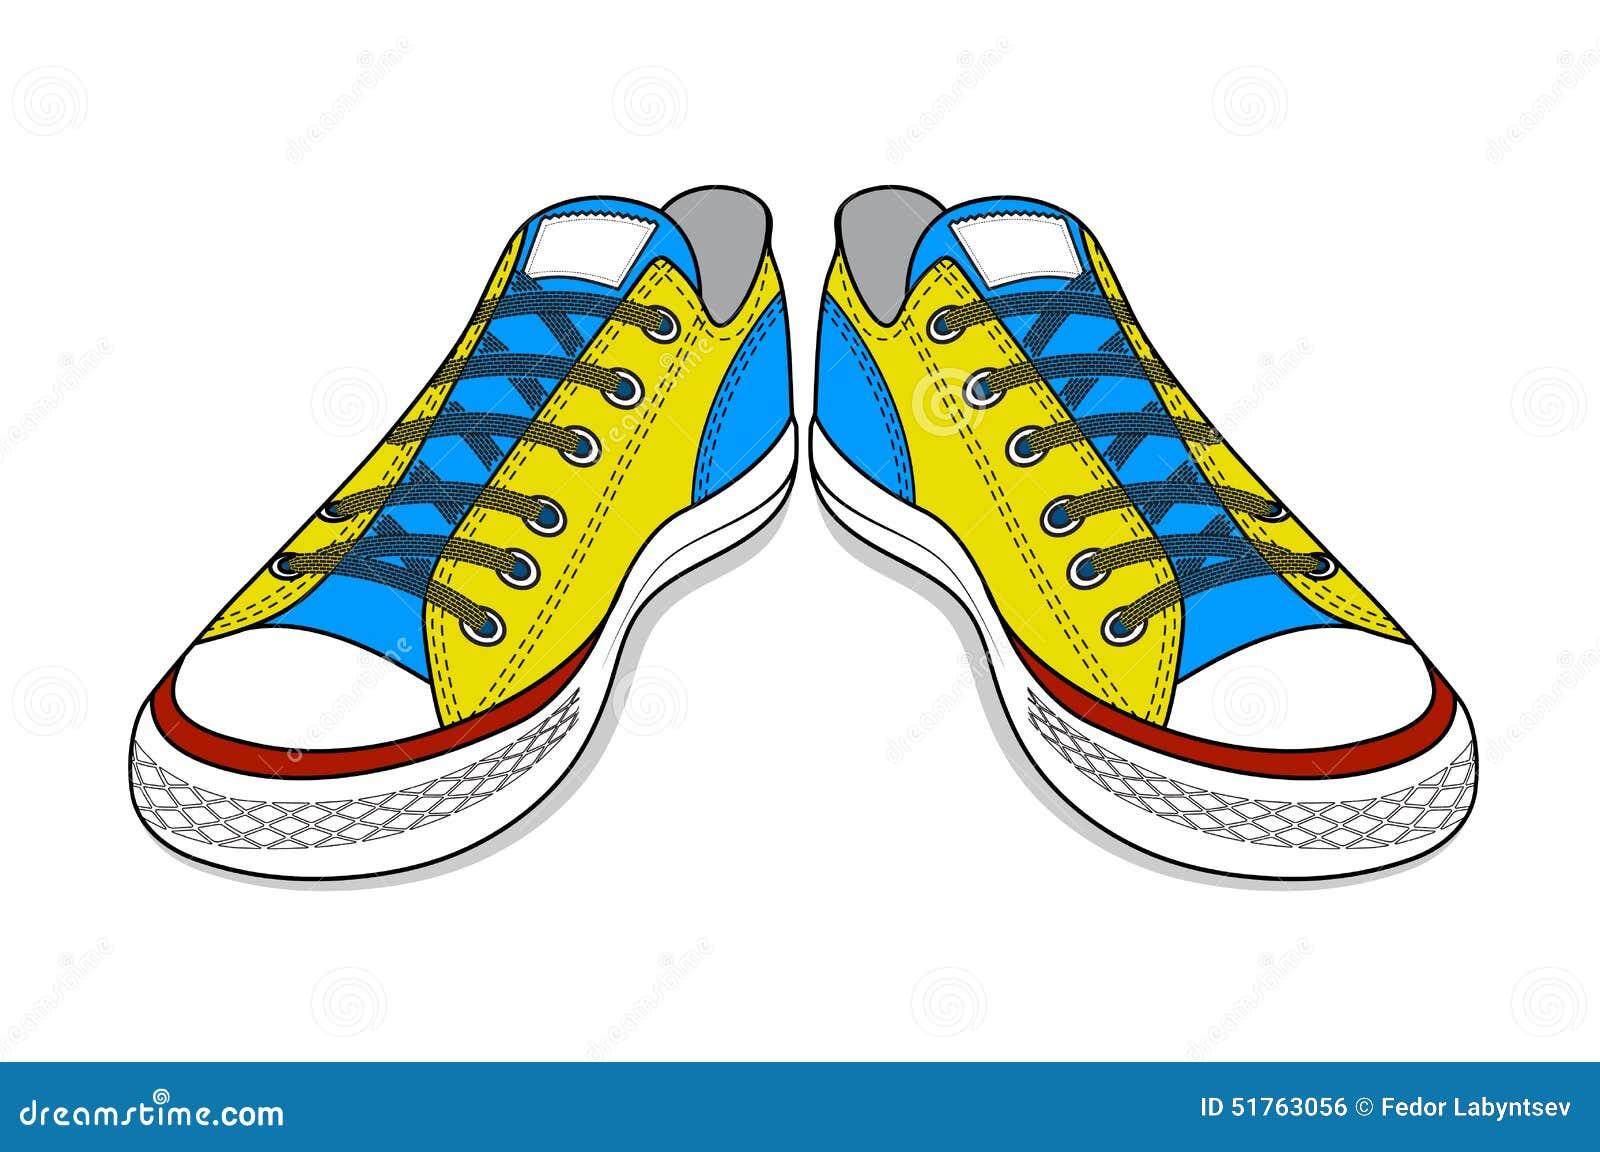 Dibujo Zapatos La Calzado Juventud Fácil De Deportes Los WHeDIbYE92